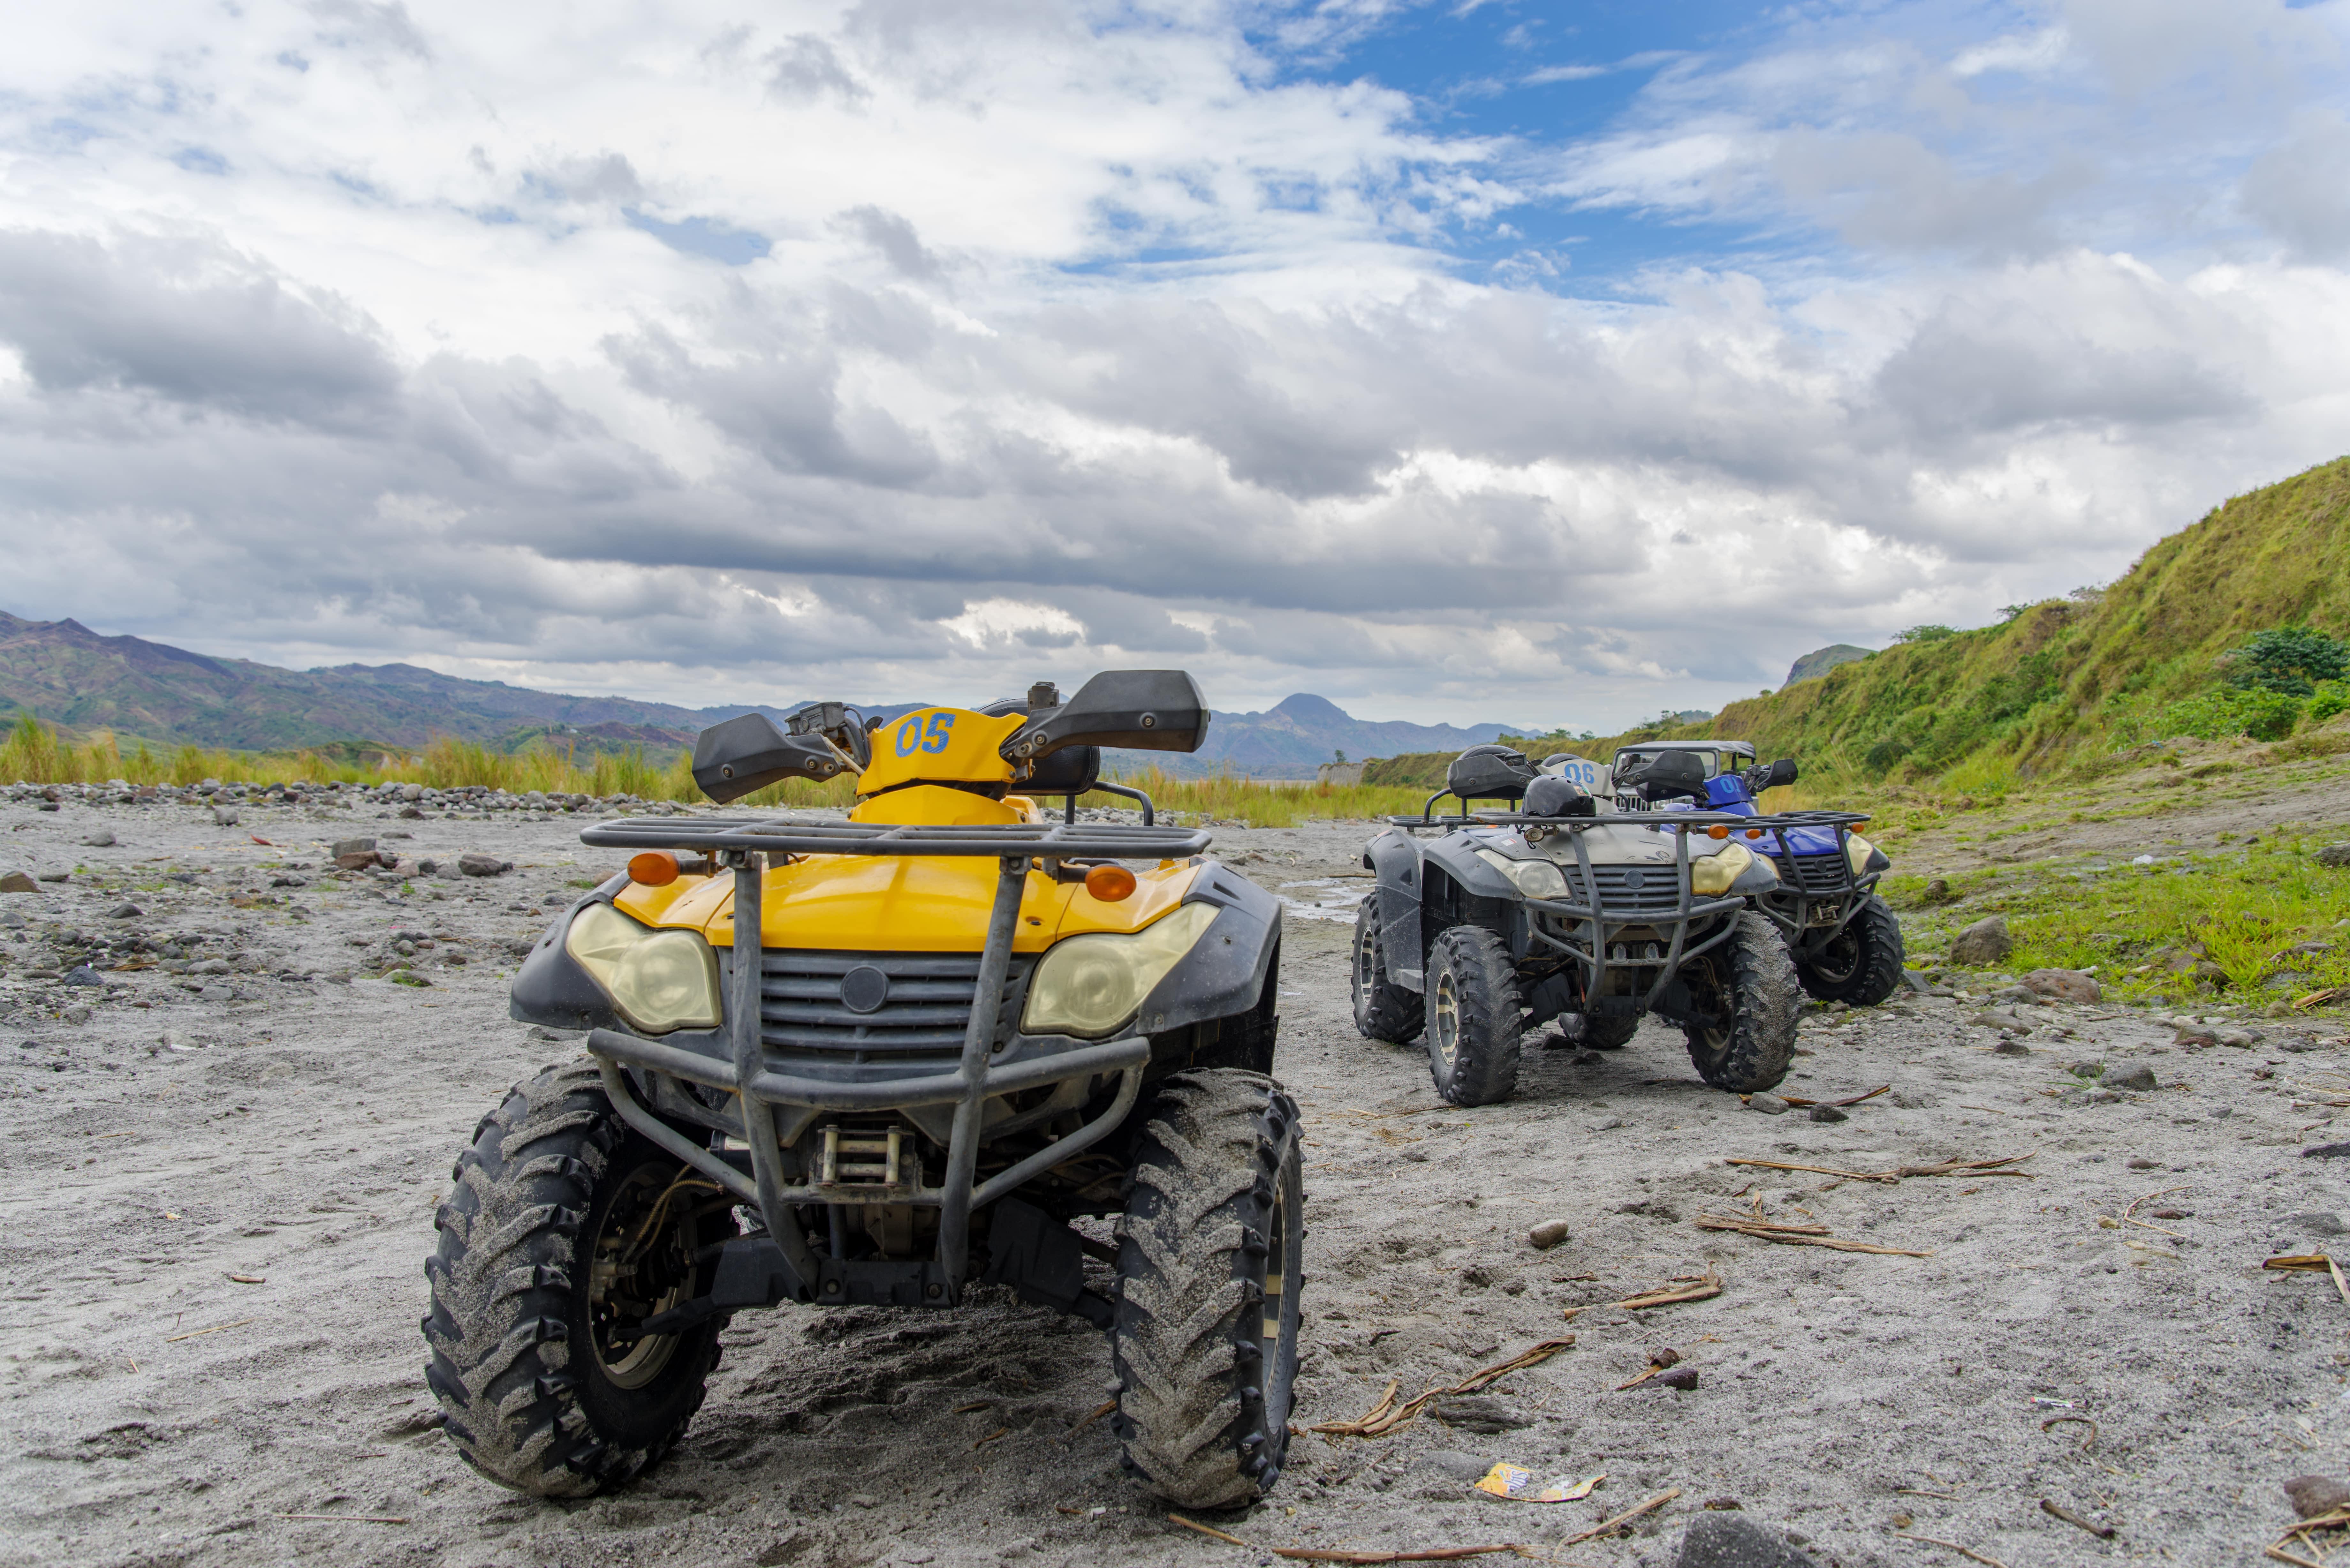 4x4 vehicle in Mt. Pinatubo